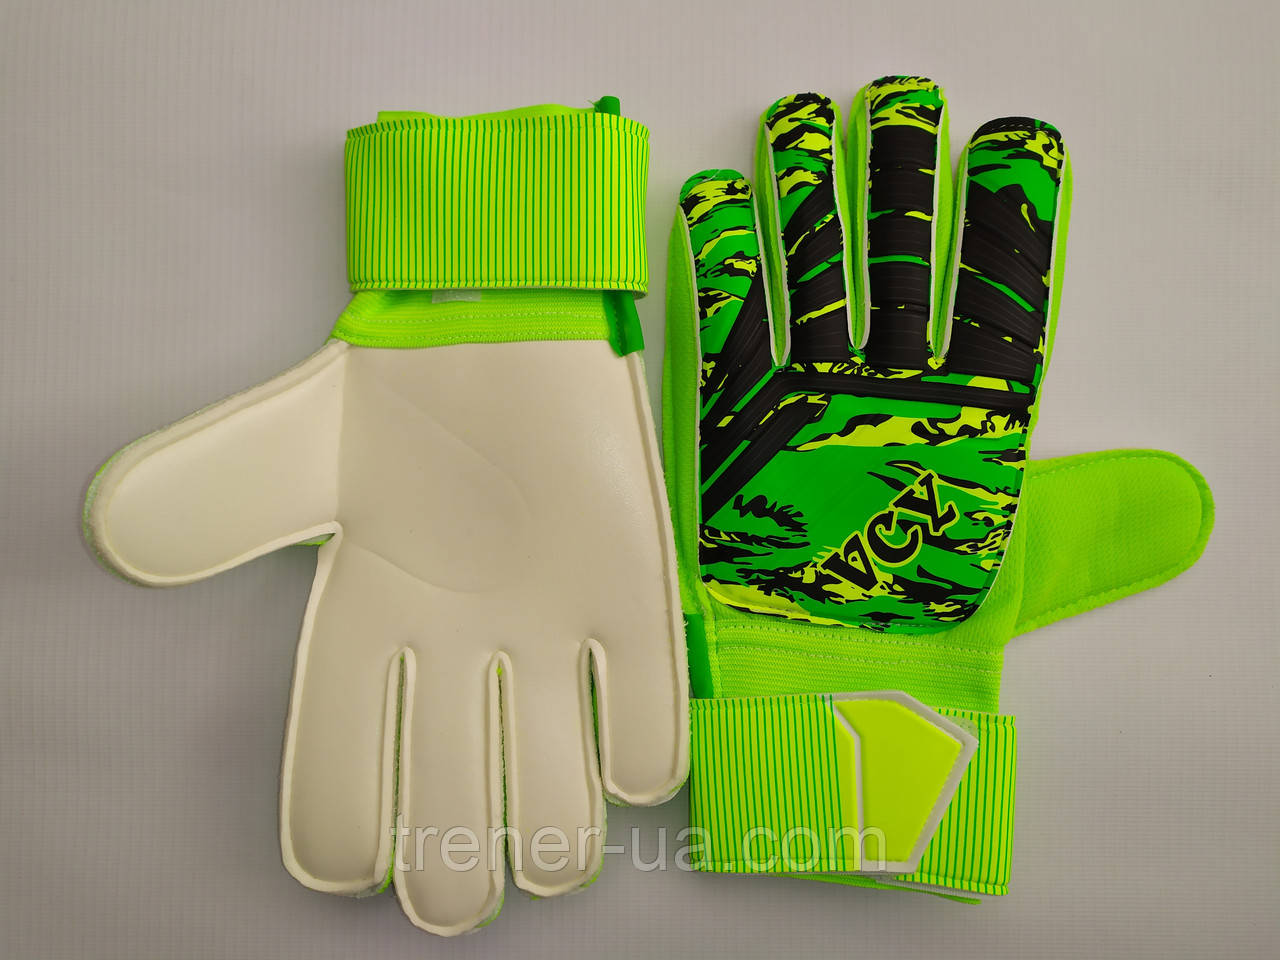 Воротарські рукавички юніор із захисними вставками на пальці